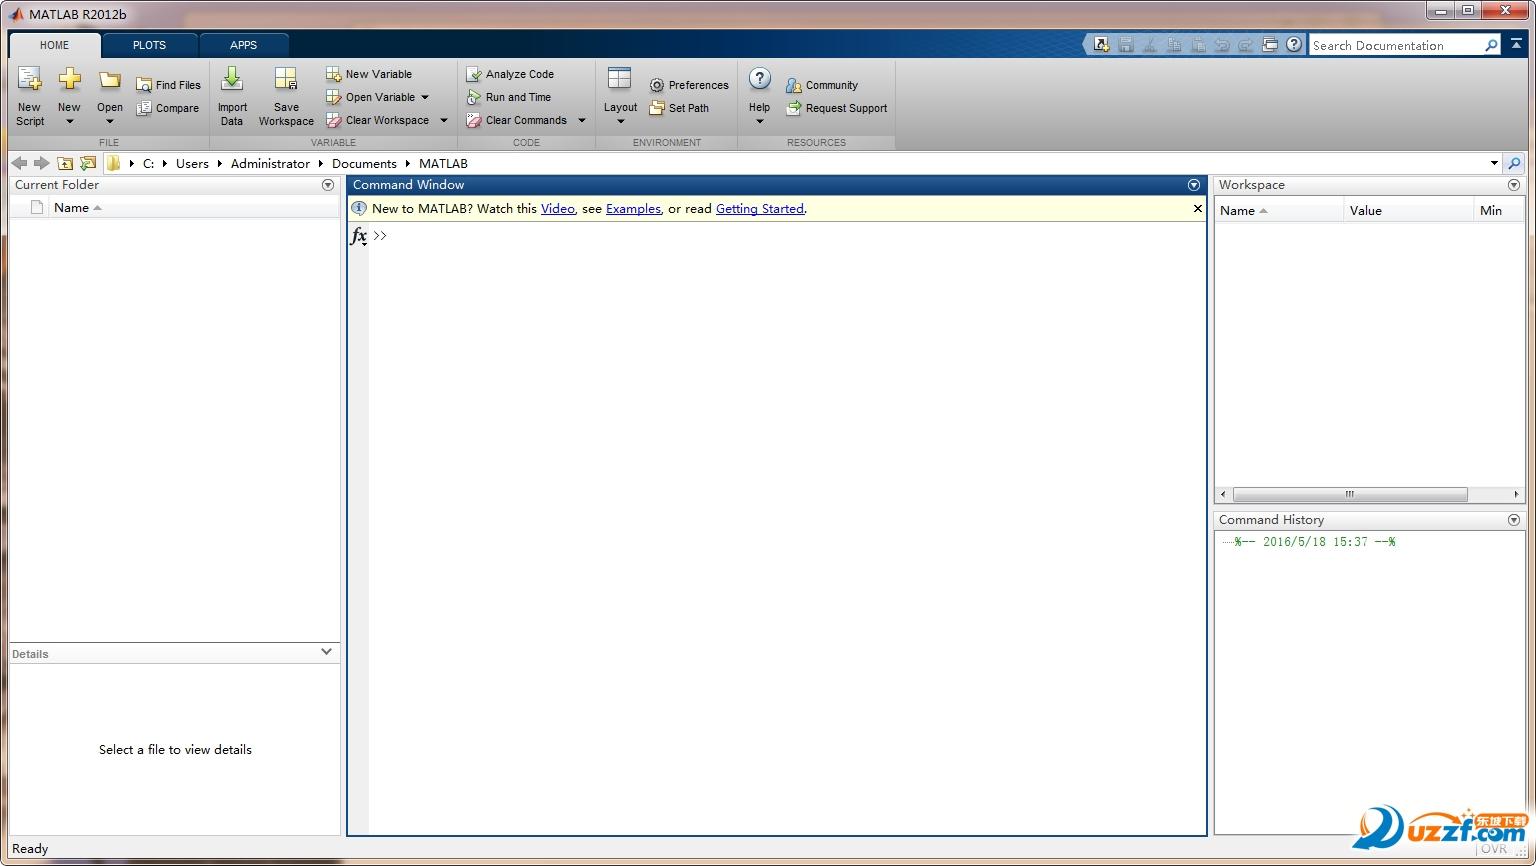 matlab2012b破解版32位/64位截图1